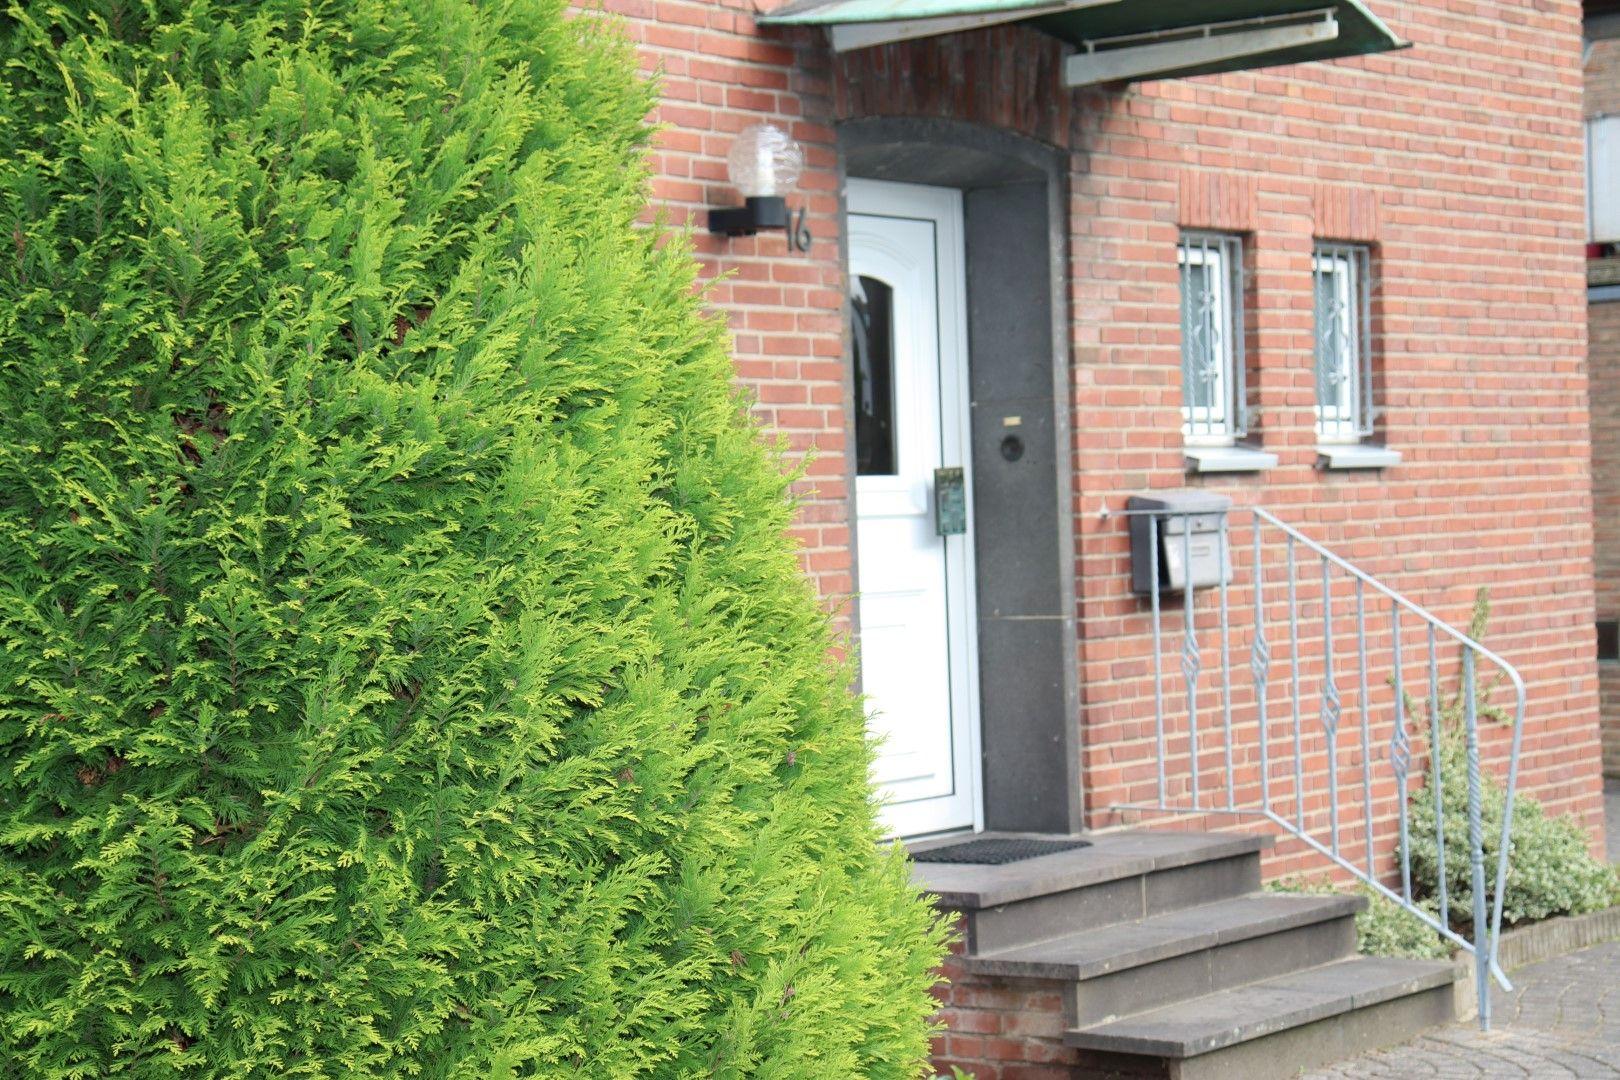 Immobilie Nr.0279 - Freistehendes EFH mit Anbau, Keller und Garage - Bild 17.jpg